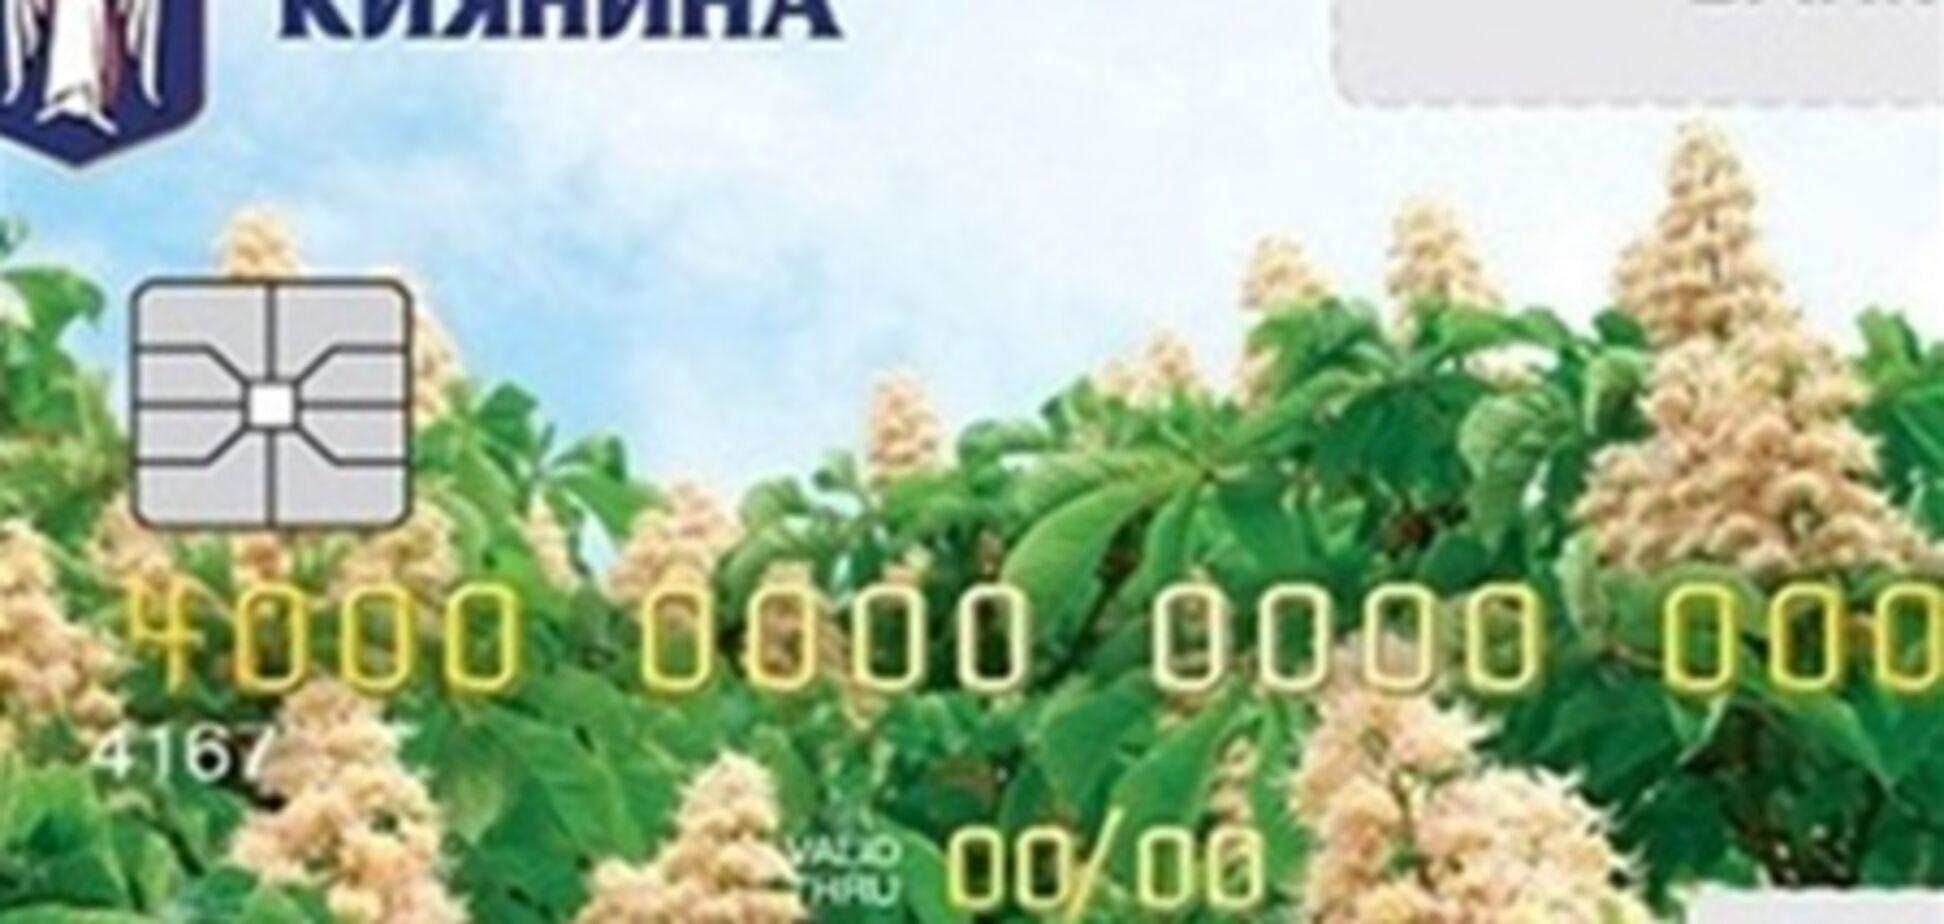 Владельцам 'Карточки киевлянина' хотят дать скидки на продукты